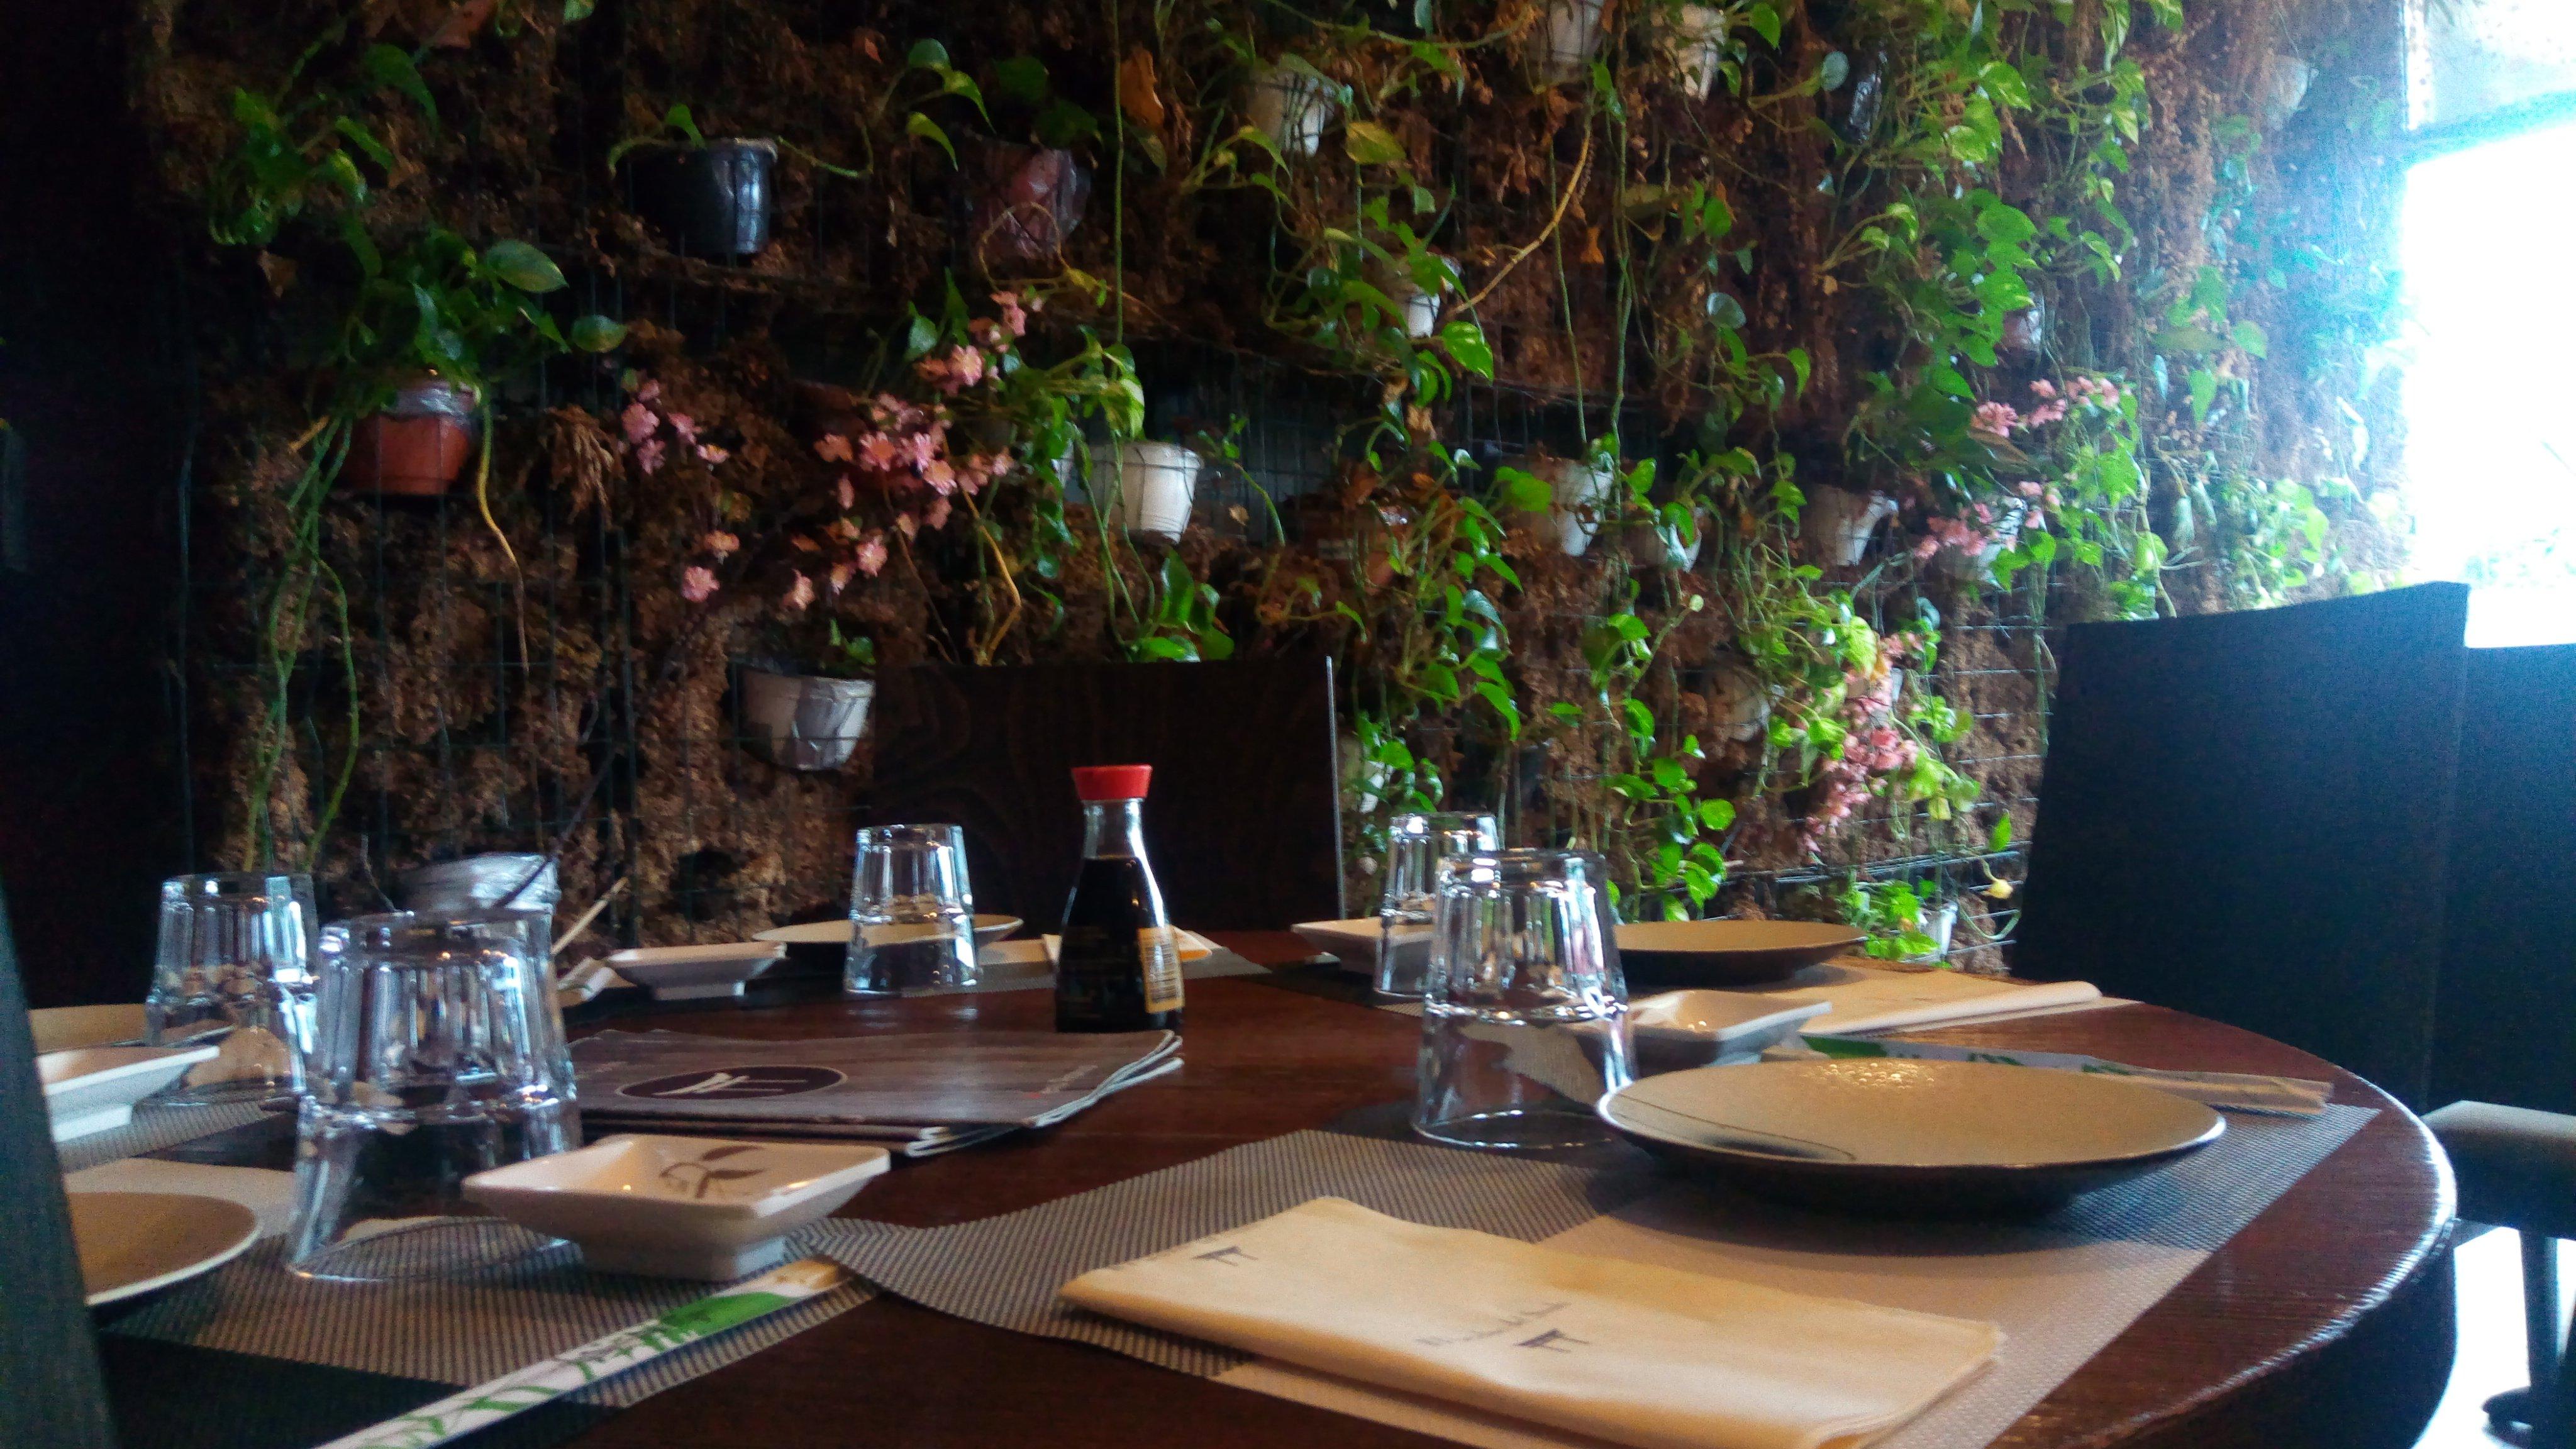 un tavolo apparecchiato all'interno del ristorante e vista di una parete di terra con dei vasi di fiori e piante